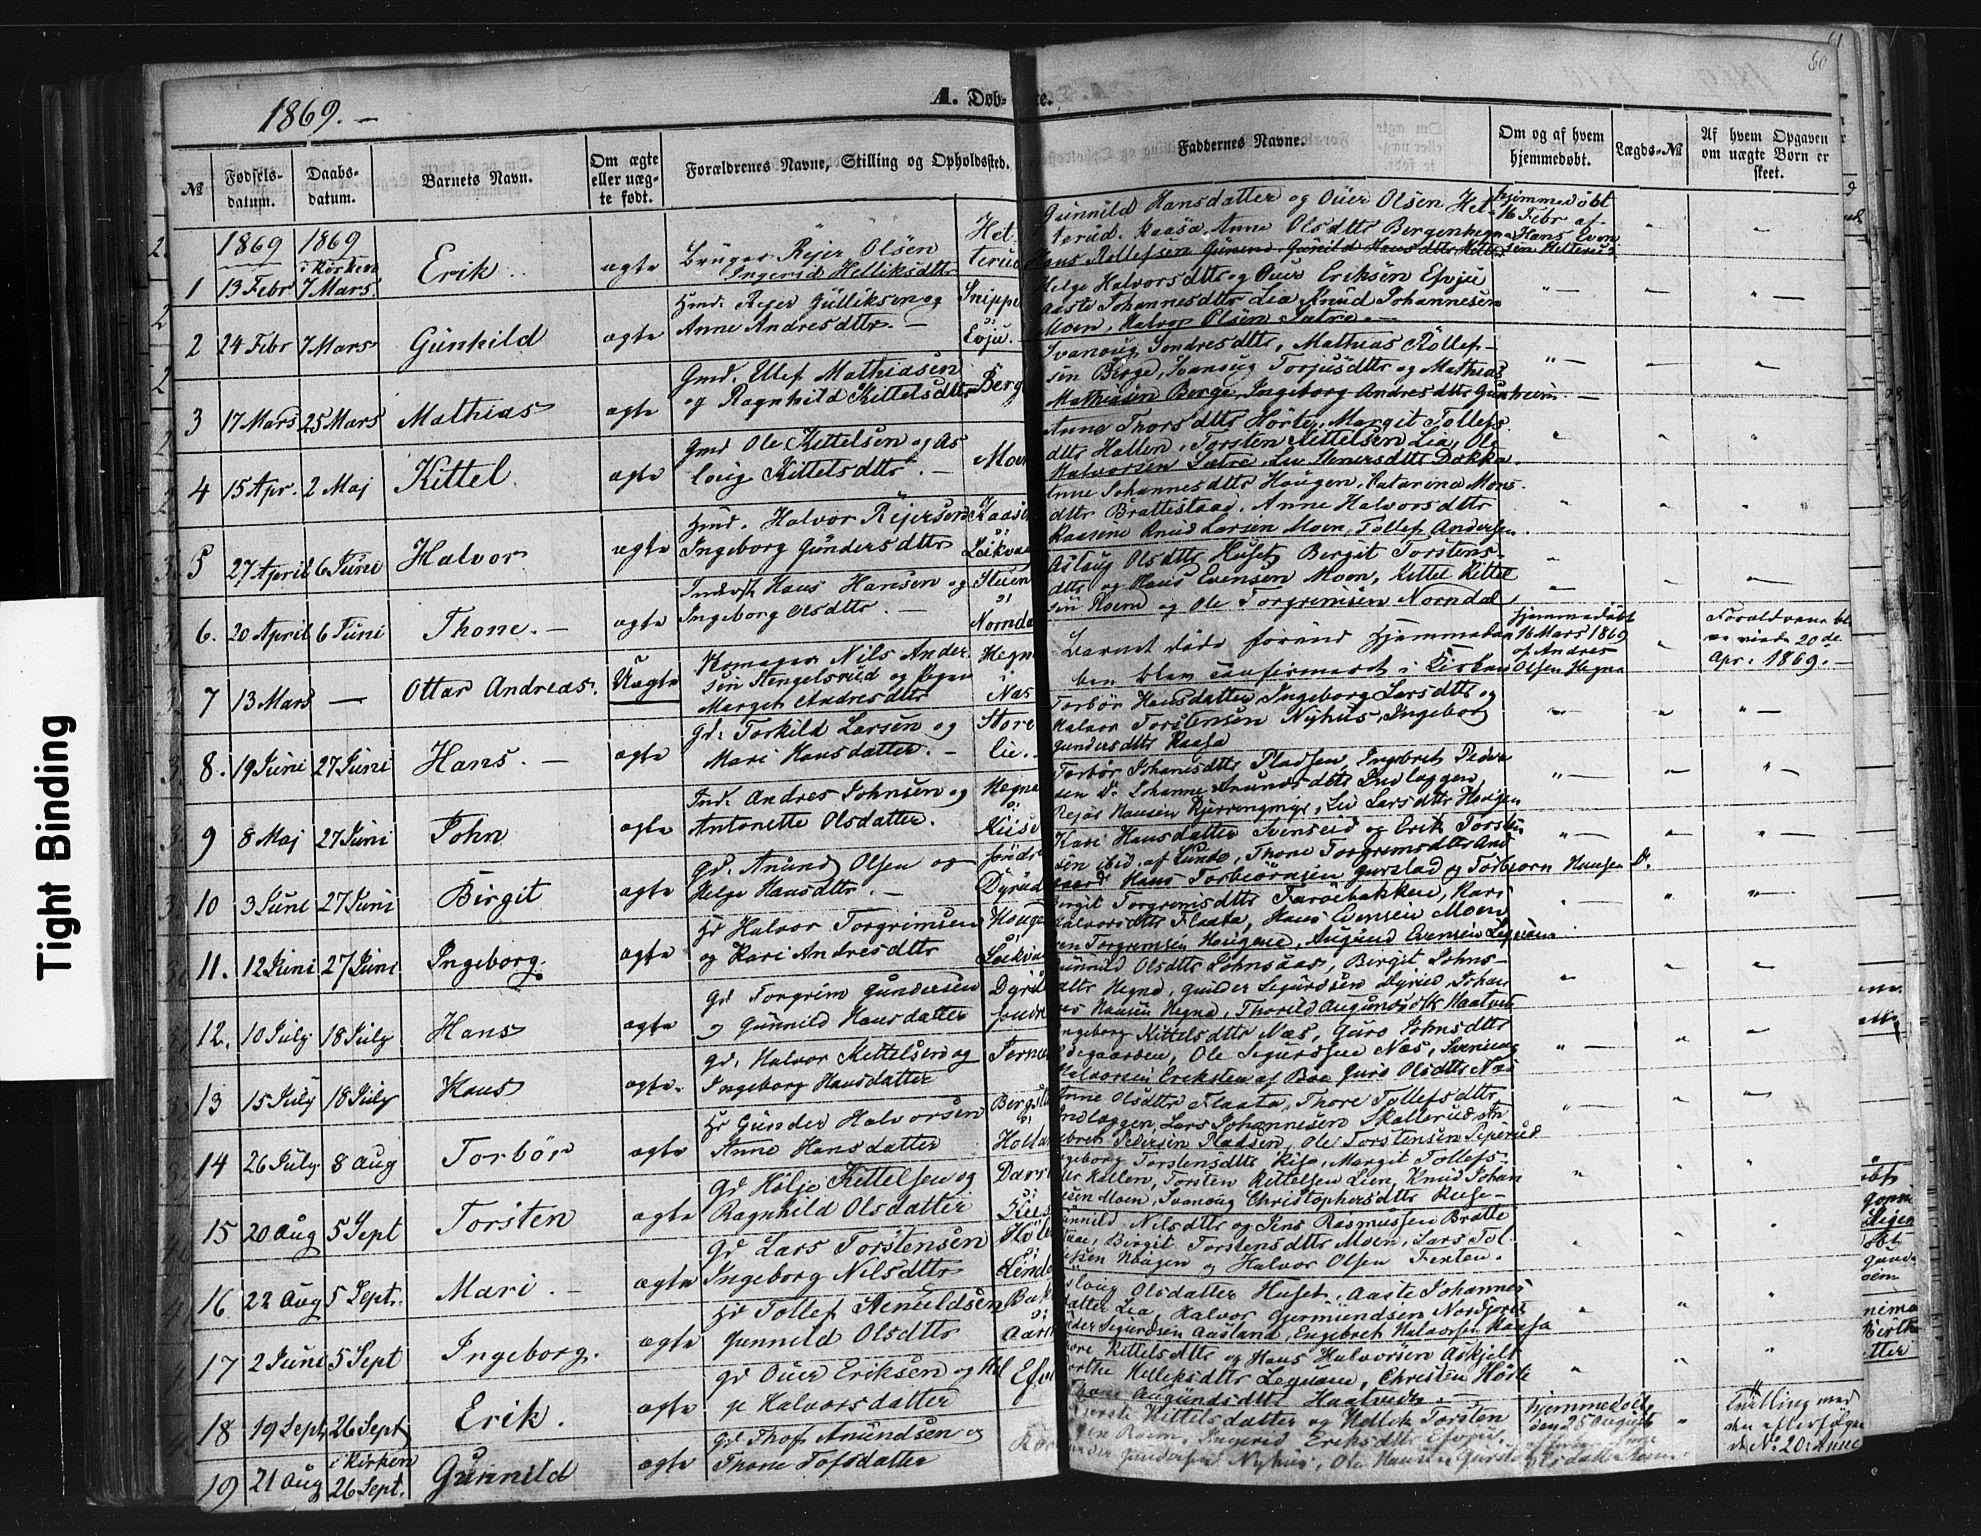 SAKO, Sauherad kirkebøker, F/Fb/L0001: Ministerialbok nr. II 1, 1851-1877, s. 60